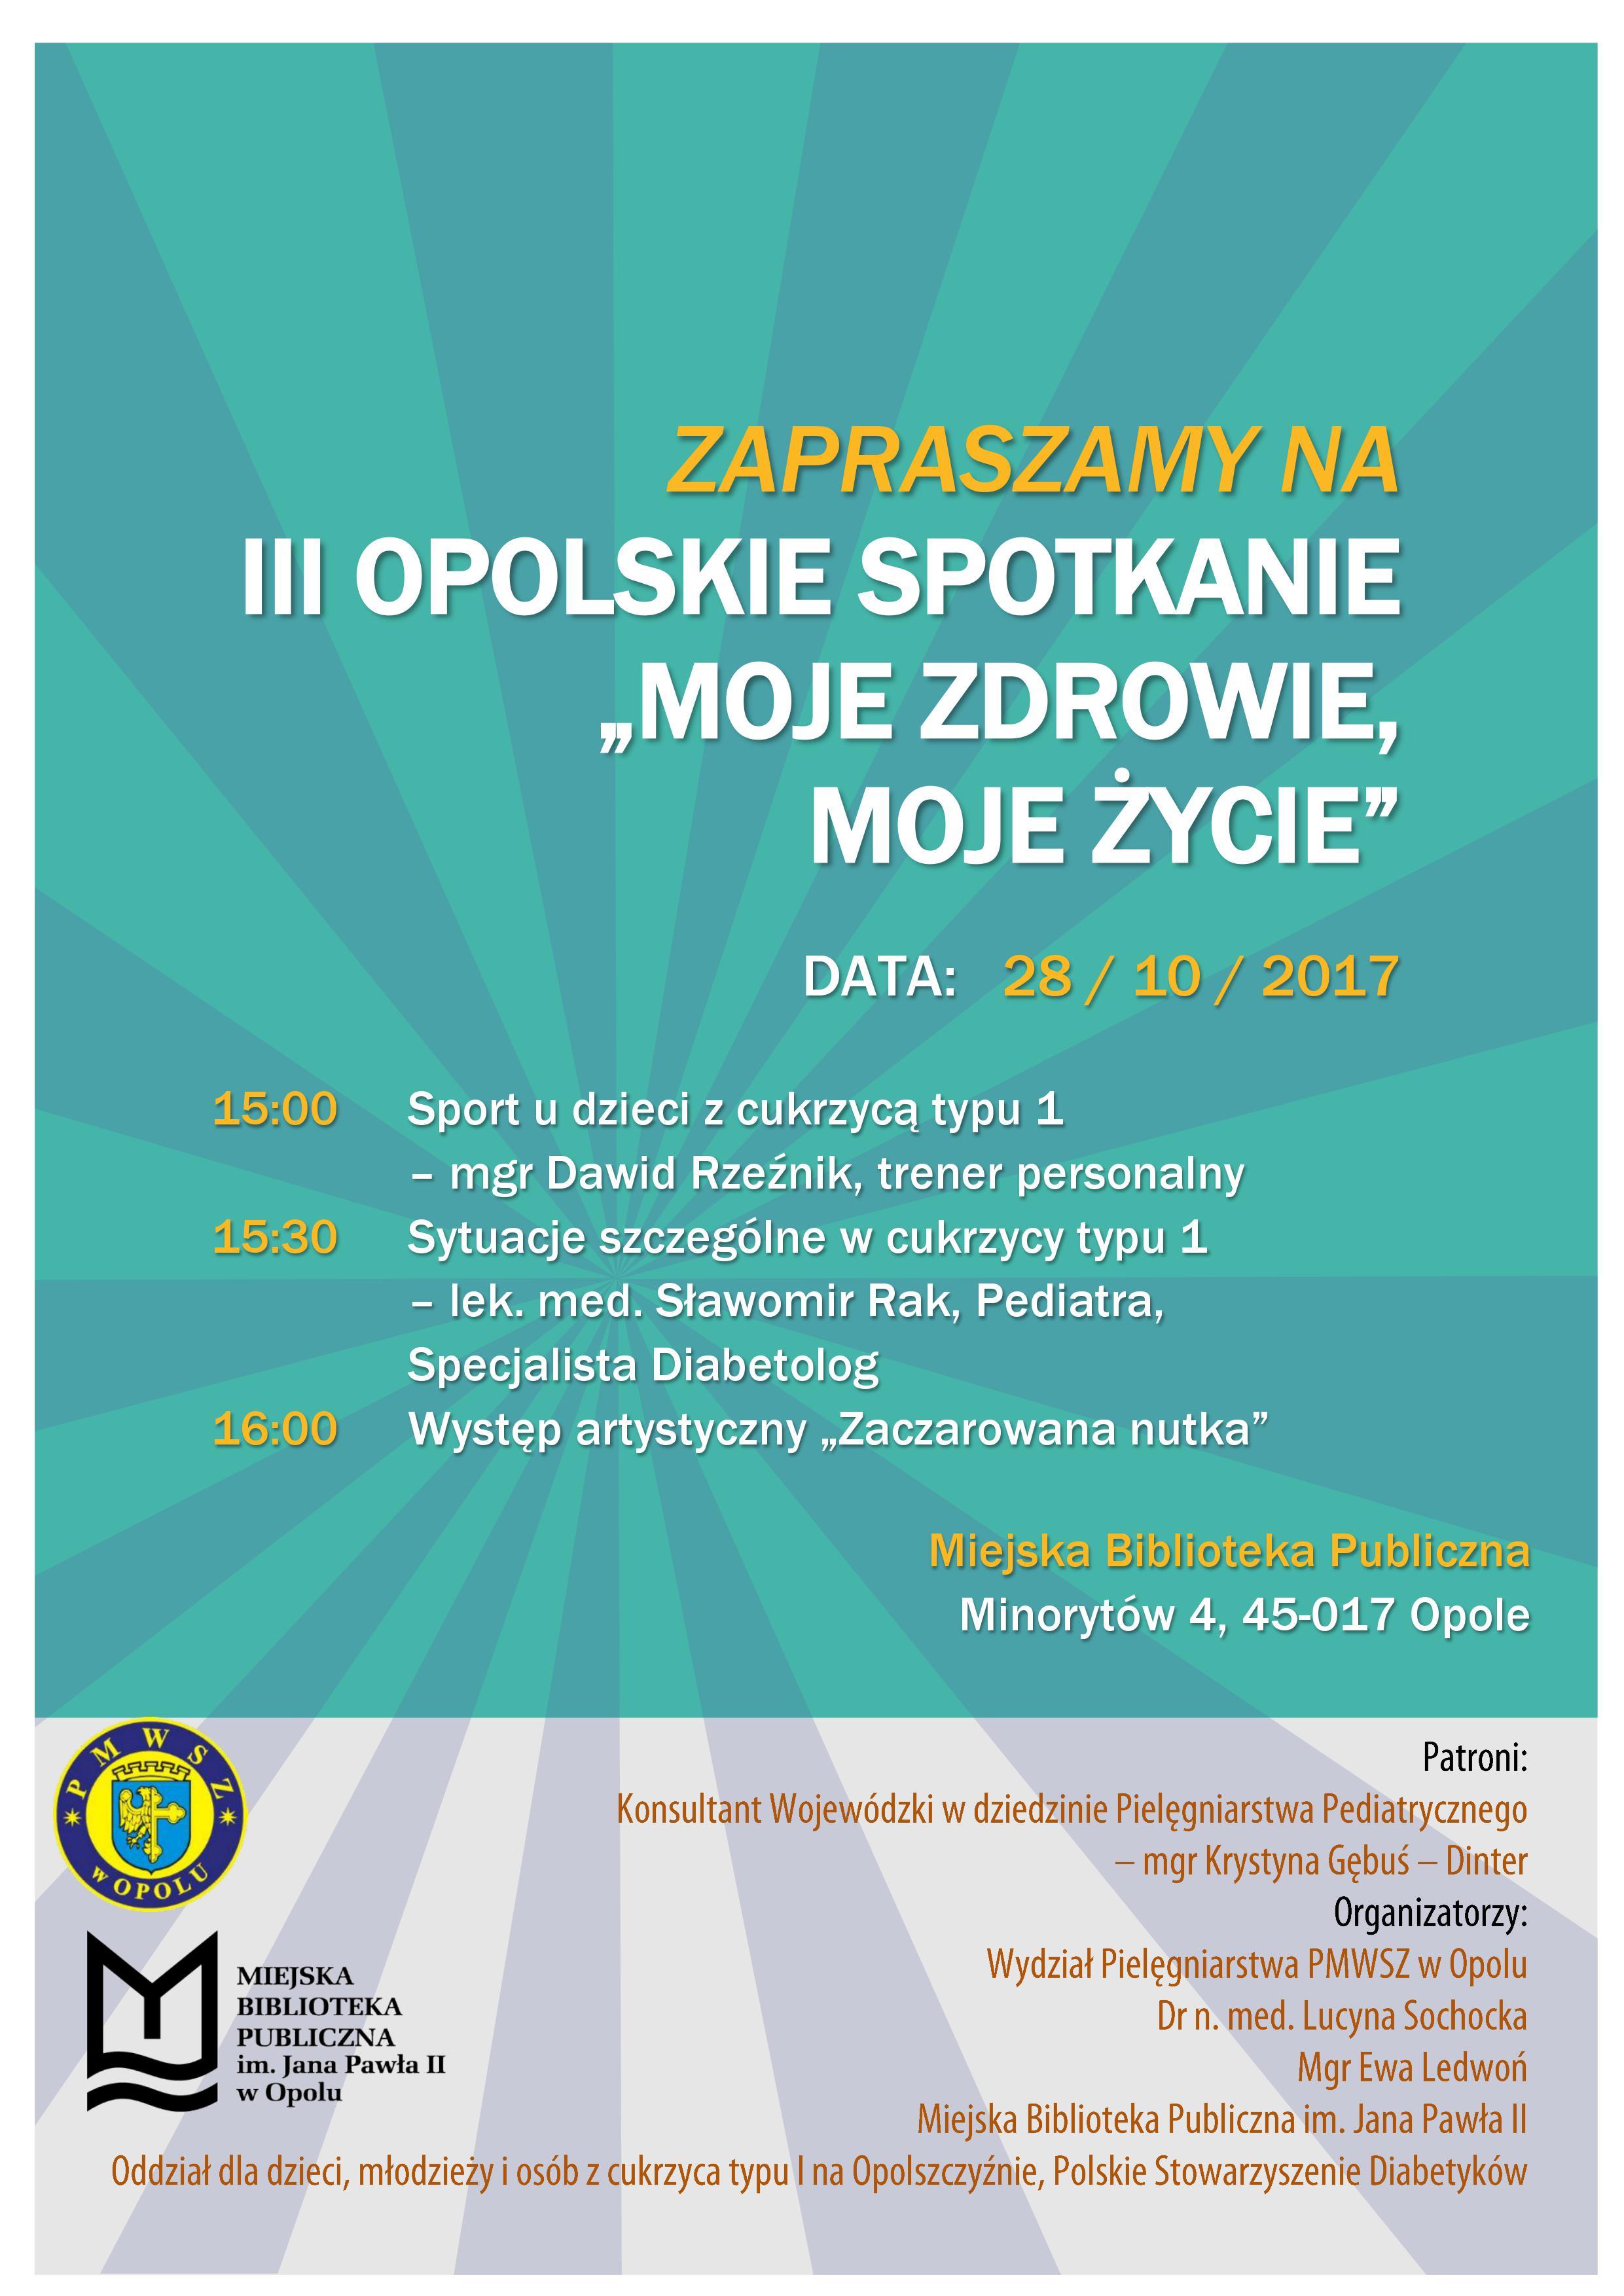 """III Opolskie Spotkanie """"MOJE ZDROWIE, MOJE ŻYCIE"""""""